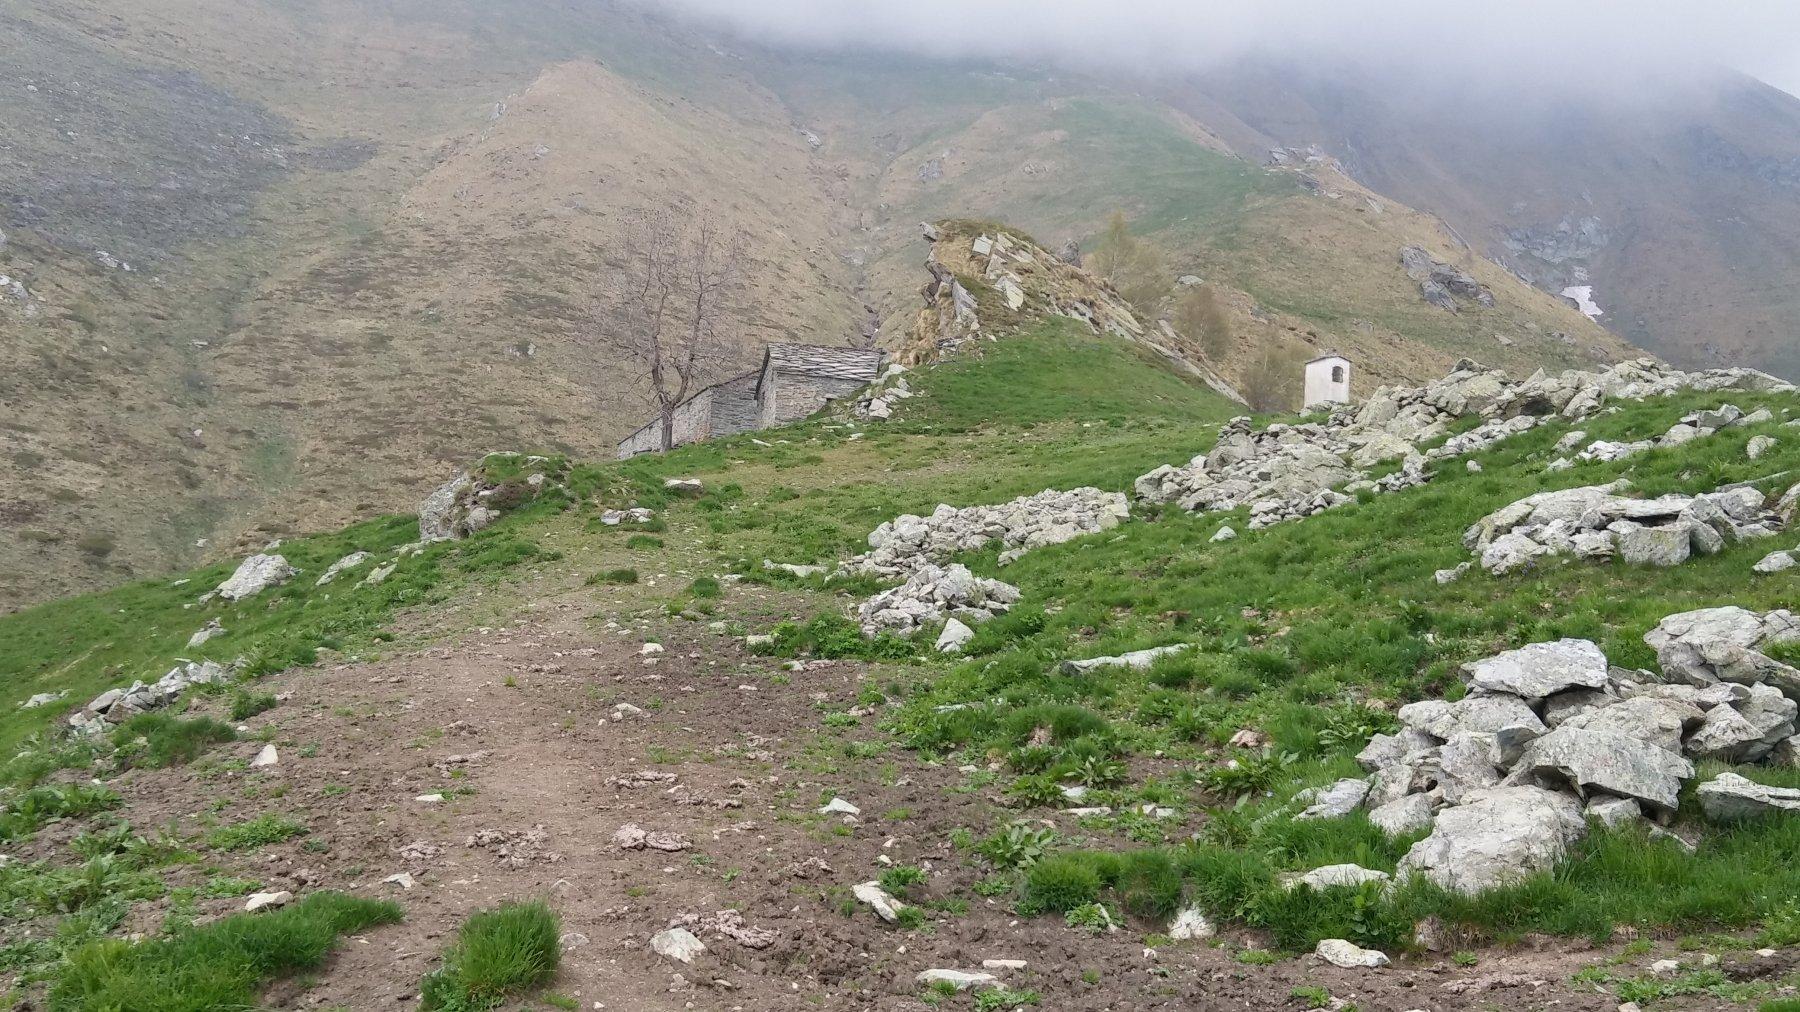 le baite di Inversetti e il pilone votivo evidente dalla sottostante  alpe diroccata a quota 1750